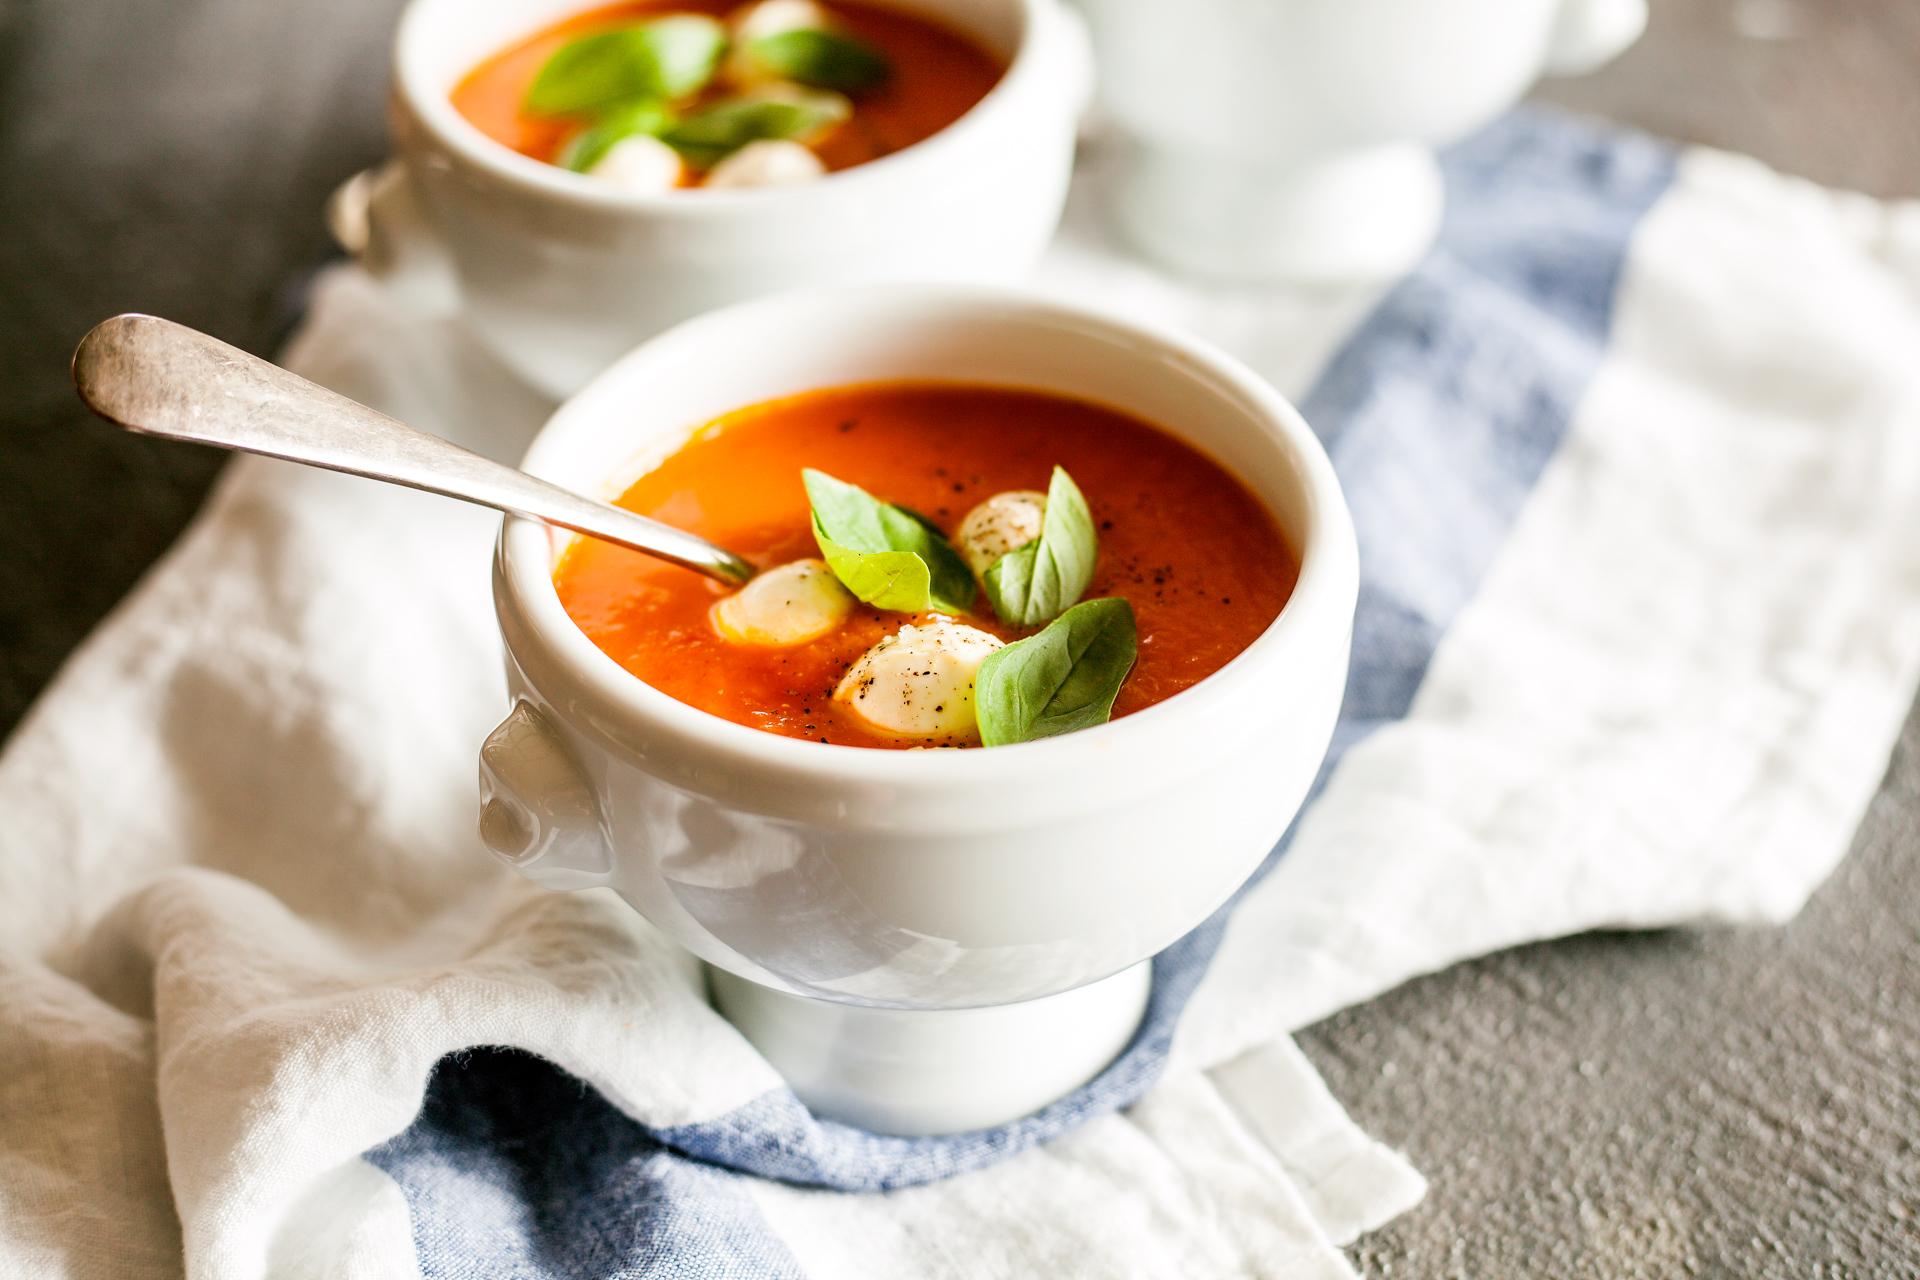 Bocconcini Soup